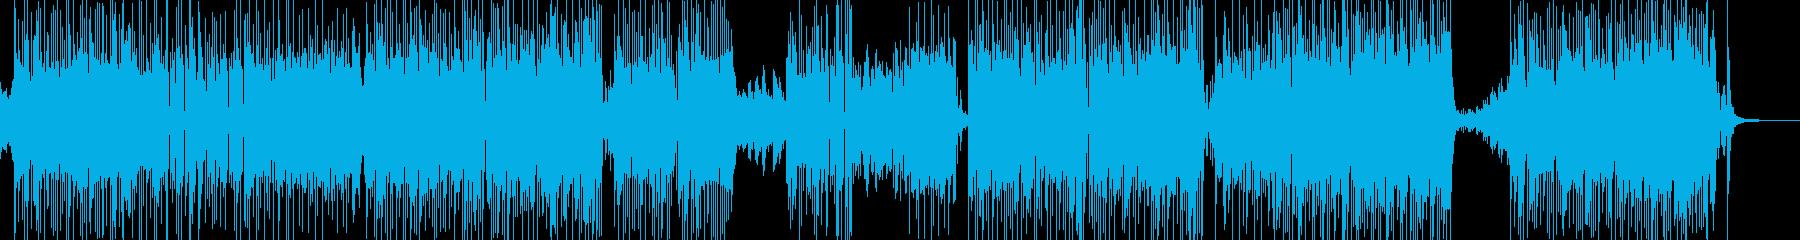 胸キュン・可愛い雰囲気のポップ 長尺★の再生済みの波形